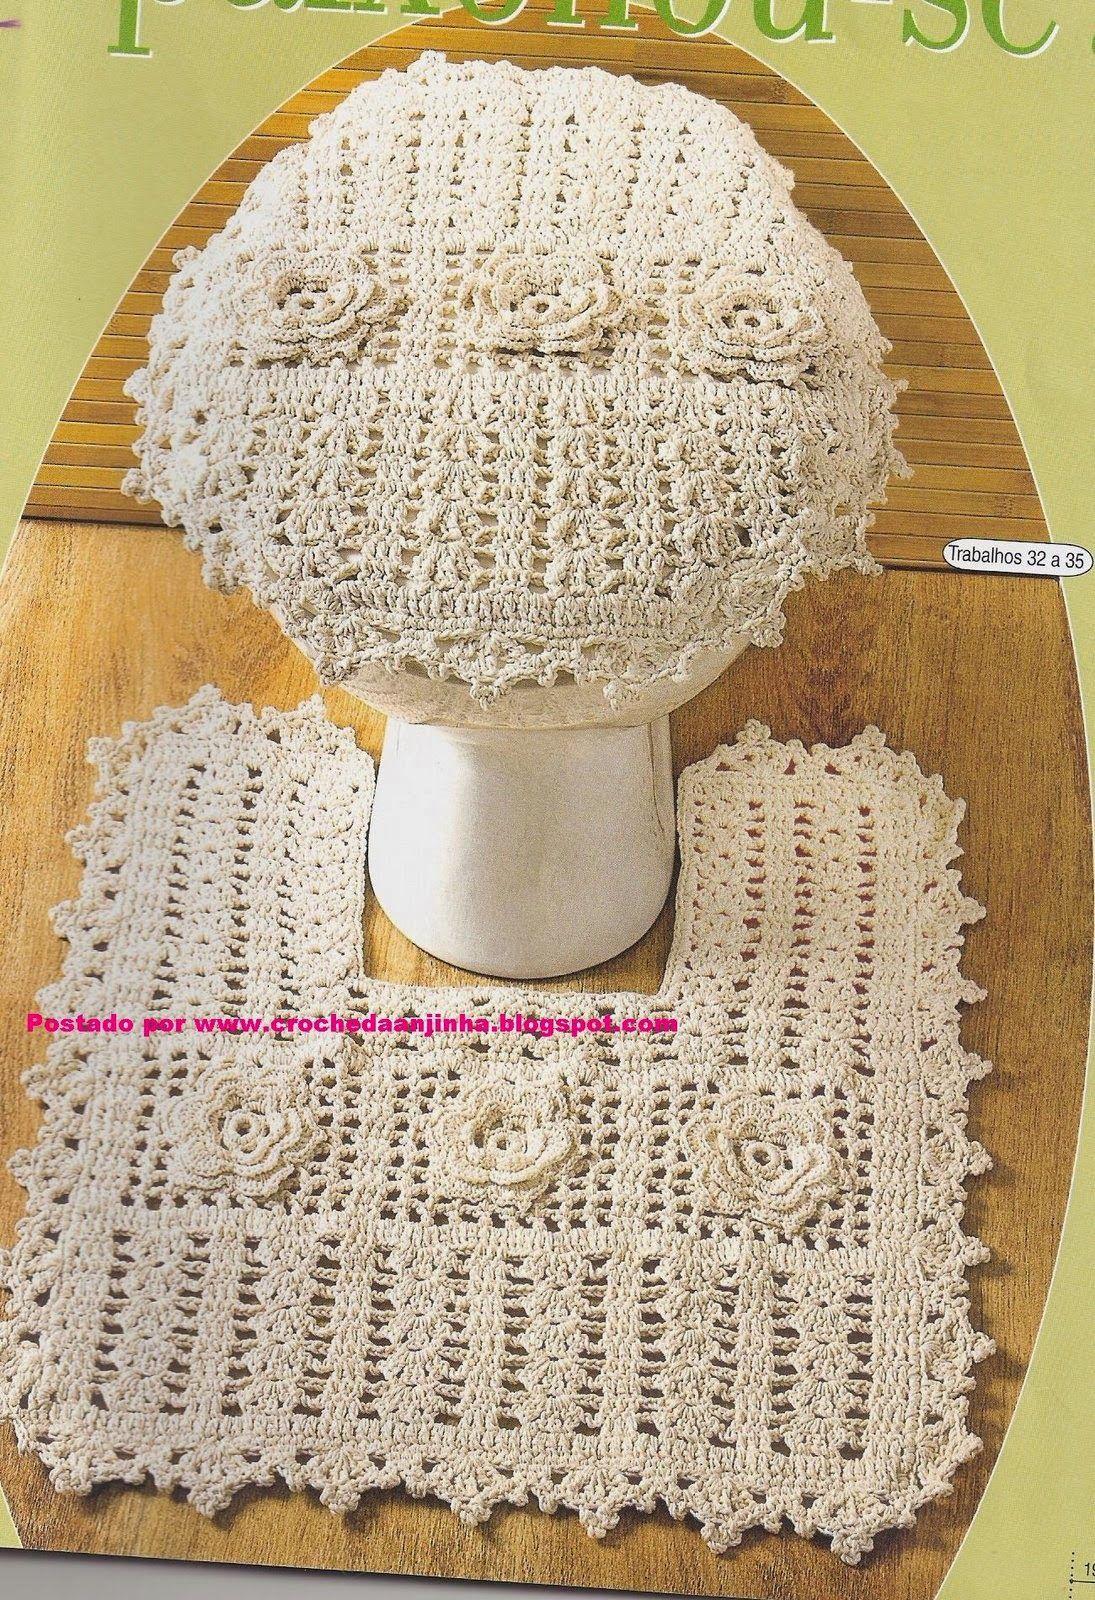 Rose Ragazzon Croche Jogo De Banheiro Quadrado Cru Flores E Leques Jogos De Banheiro Jogos De Banheiro Croche Jogo Banheiro Croche Grafico